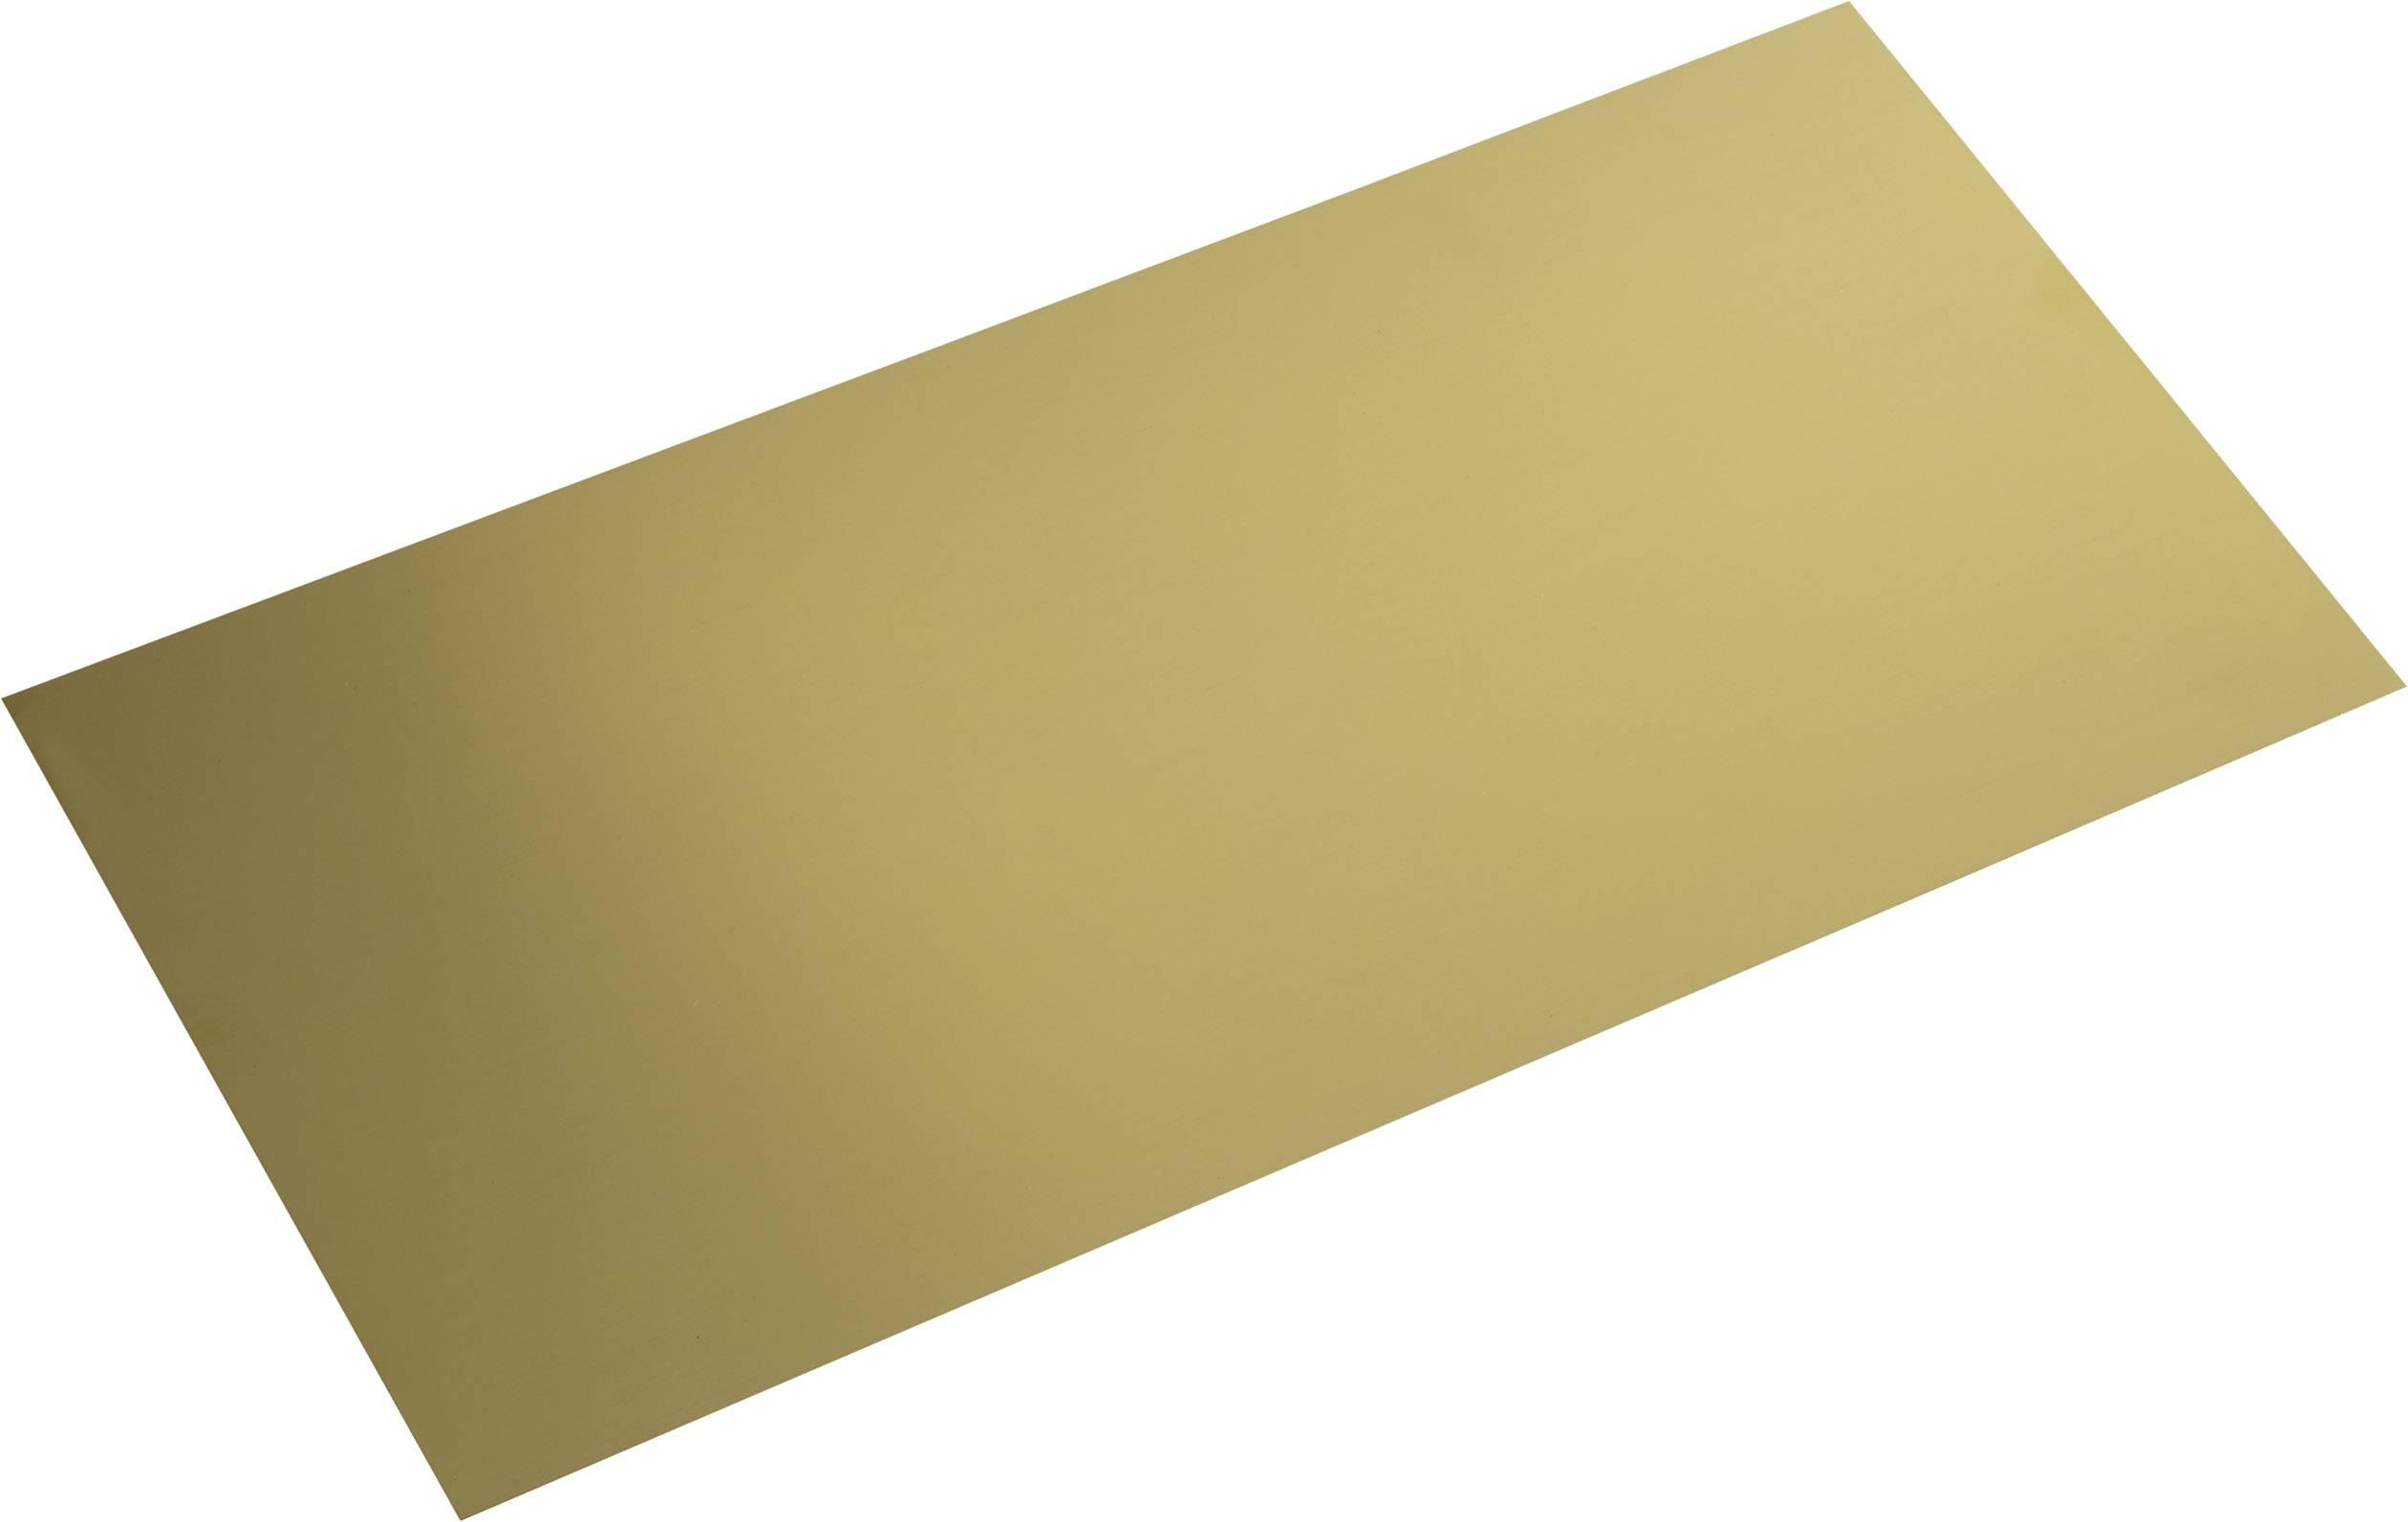 Mosazná deska Modelcraft, 400 x 200 x 1 mm